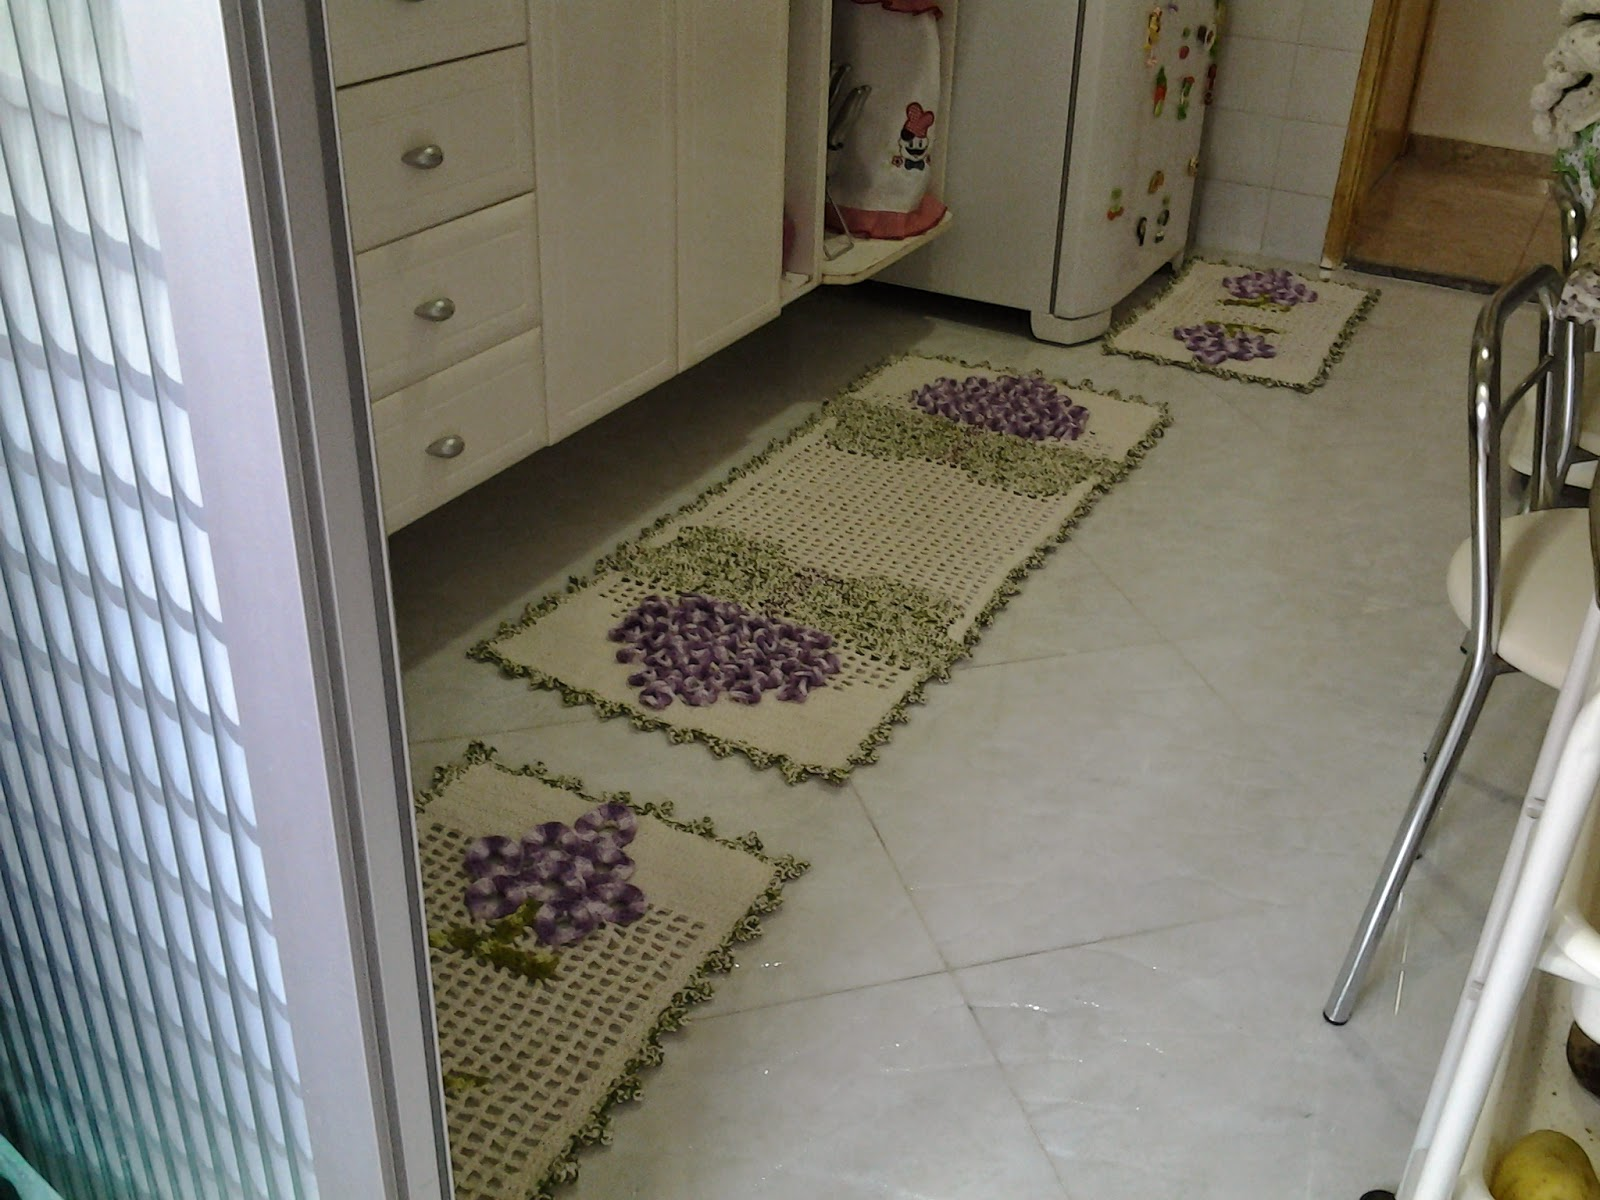 Tapetesa: Jogo de tapetes de croche para cozinha cacho de uva